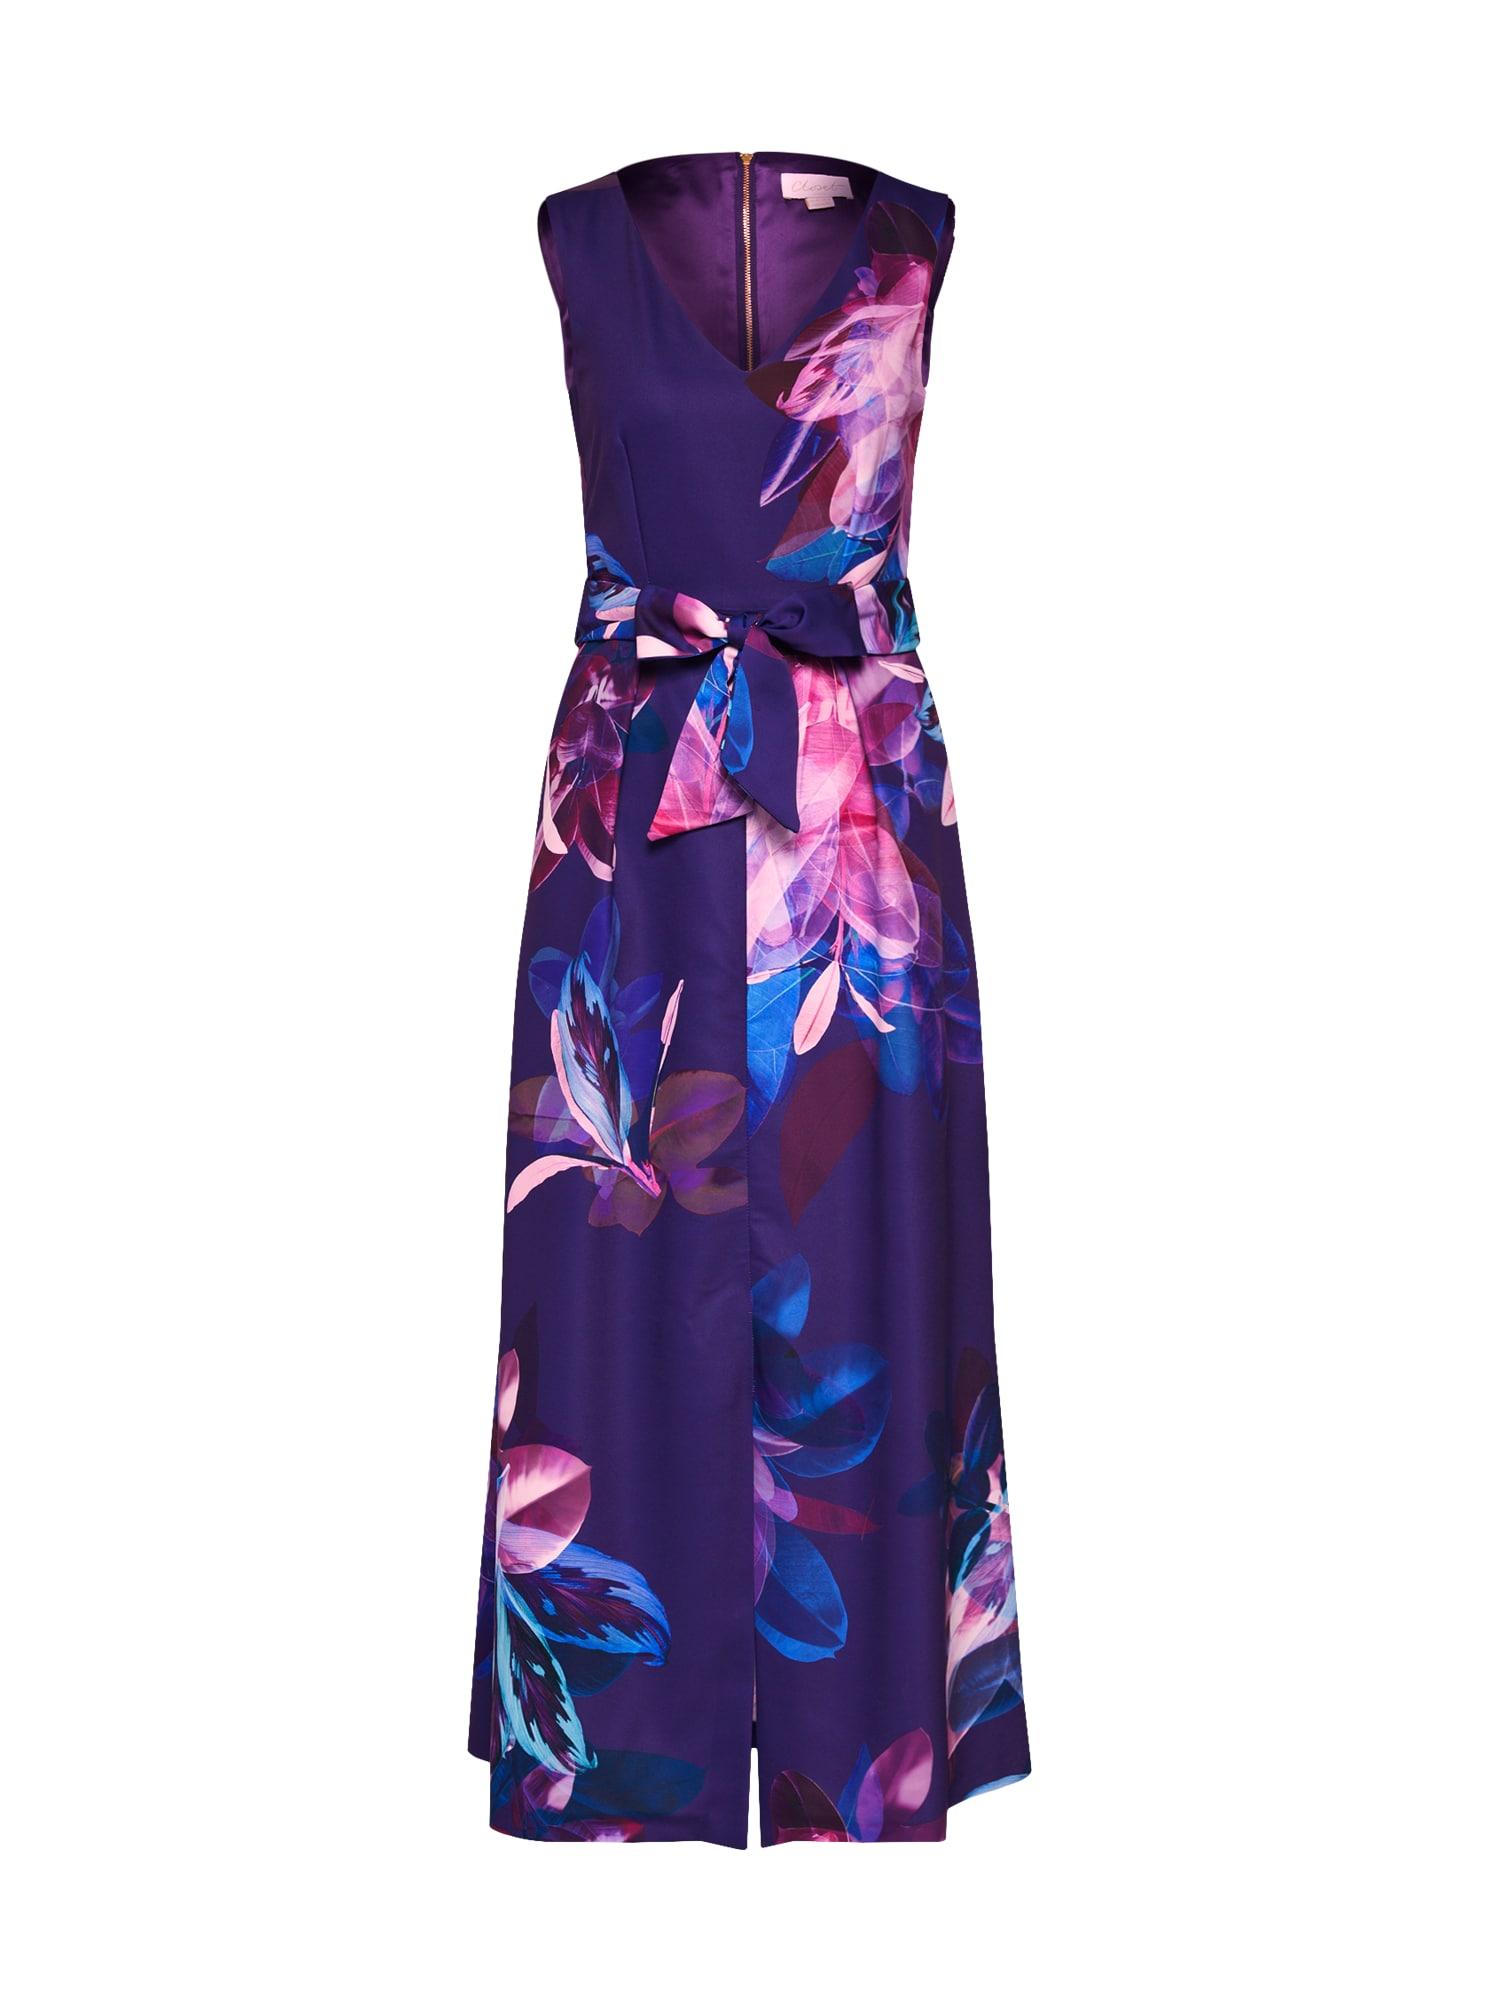 Letní šaty CLOSET GOLD MAXI DRESS modrá fialová Closet London